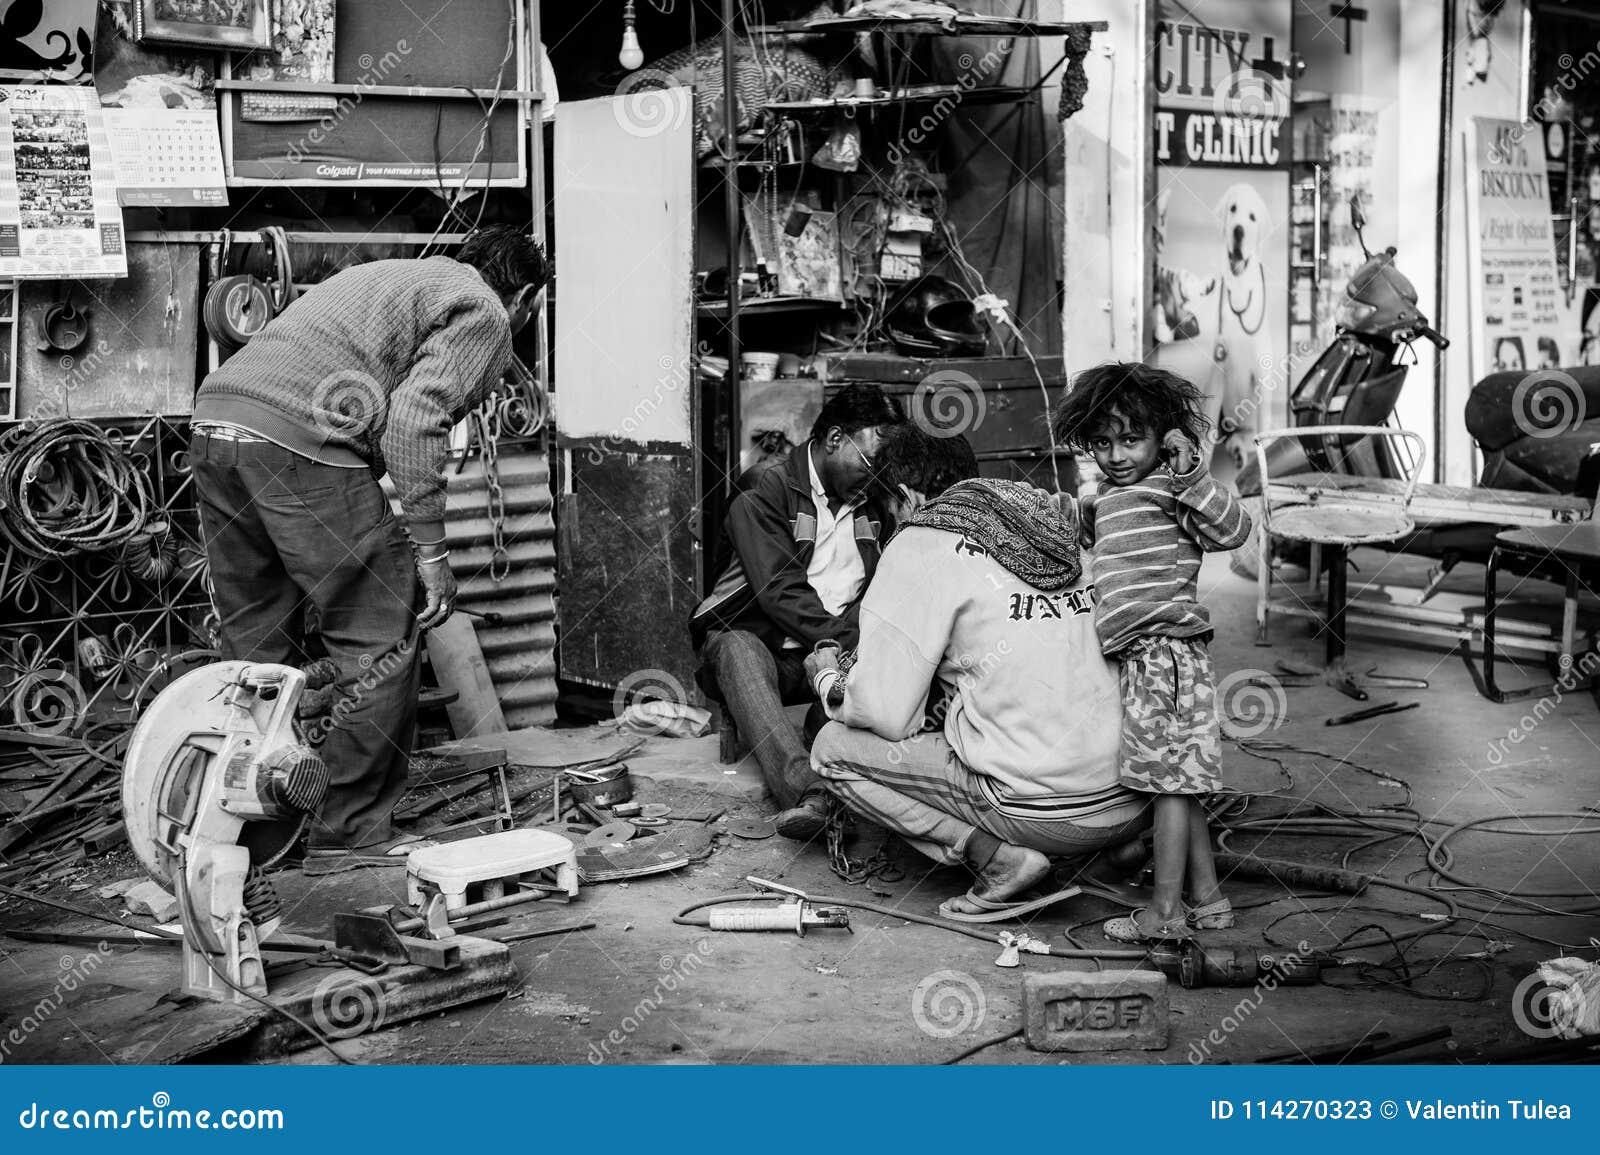 Μια γραπτή εικόνα με ένα ινδικό αγόρι που παίζει γύρω από τον μπαμπά του ενώ ο πατέρας εργάζεται